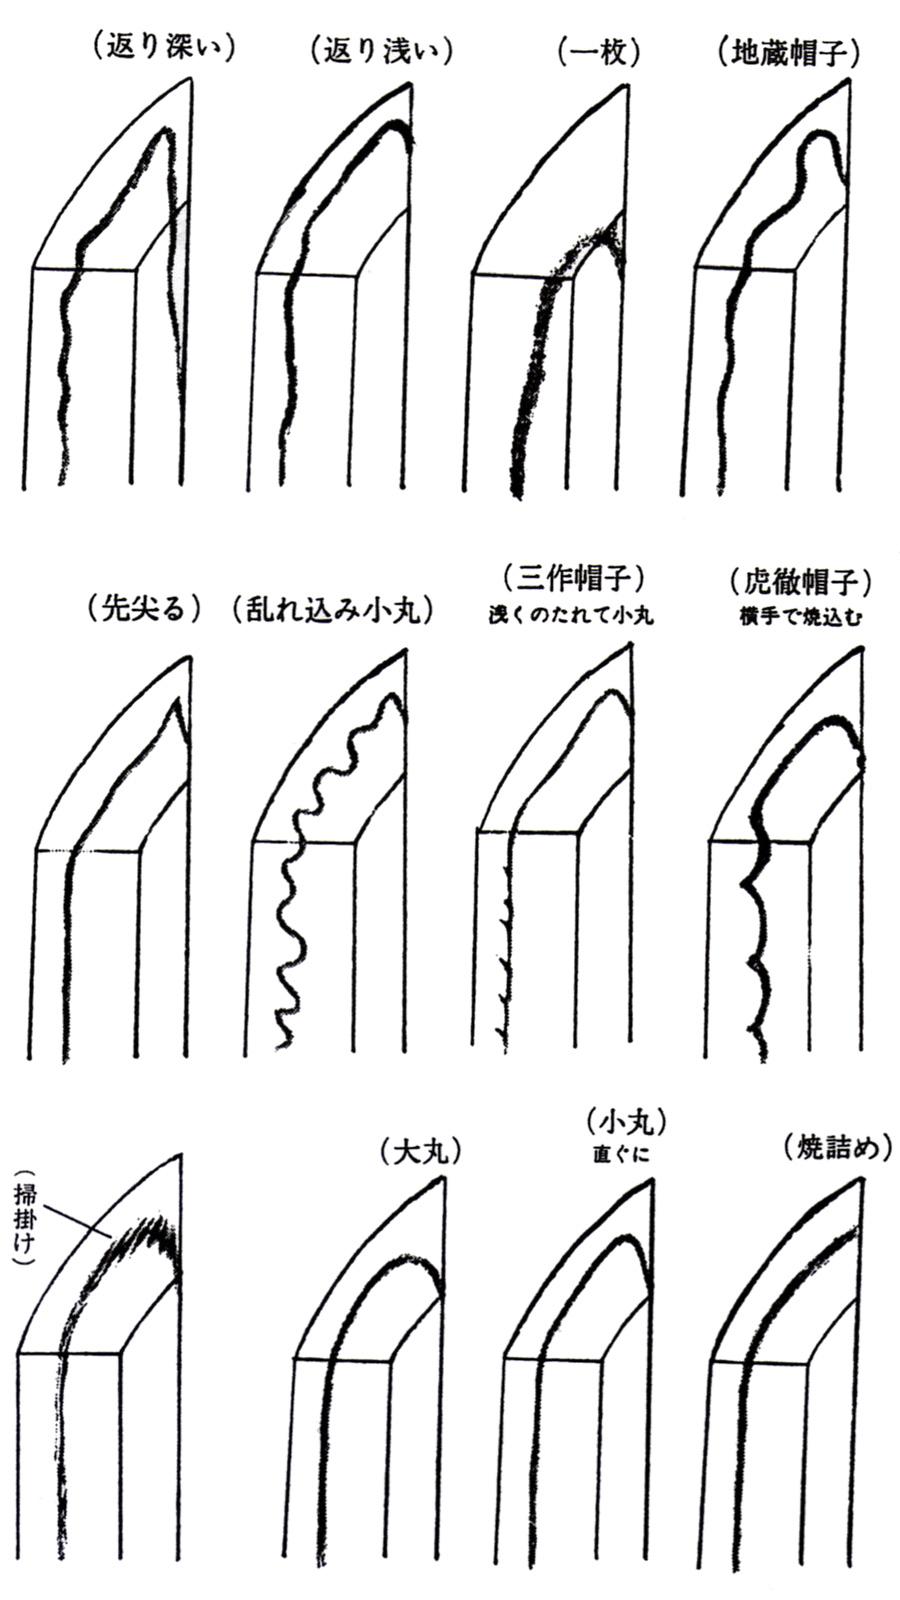 日本刀・刀装具の販売・買取 (株)美術刀剣松本 千葉県野田市